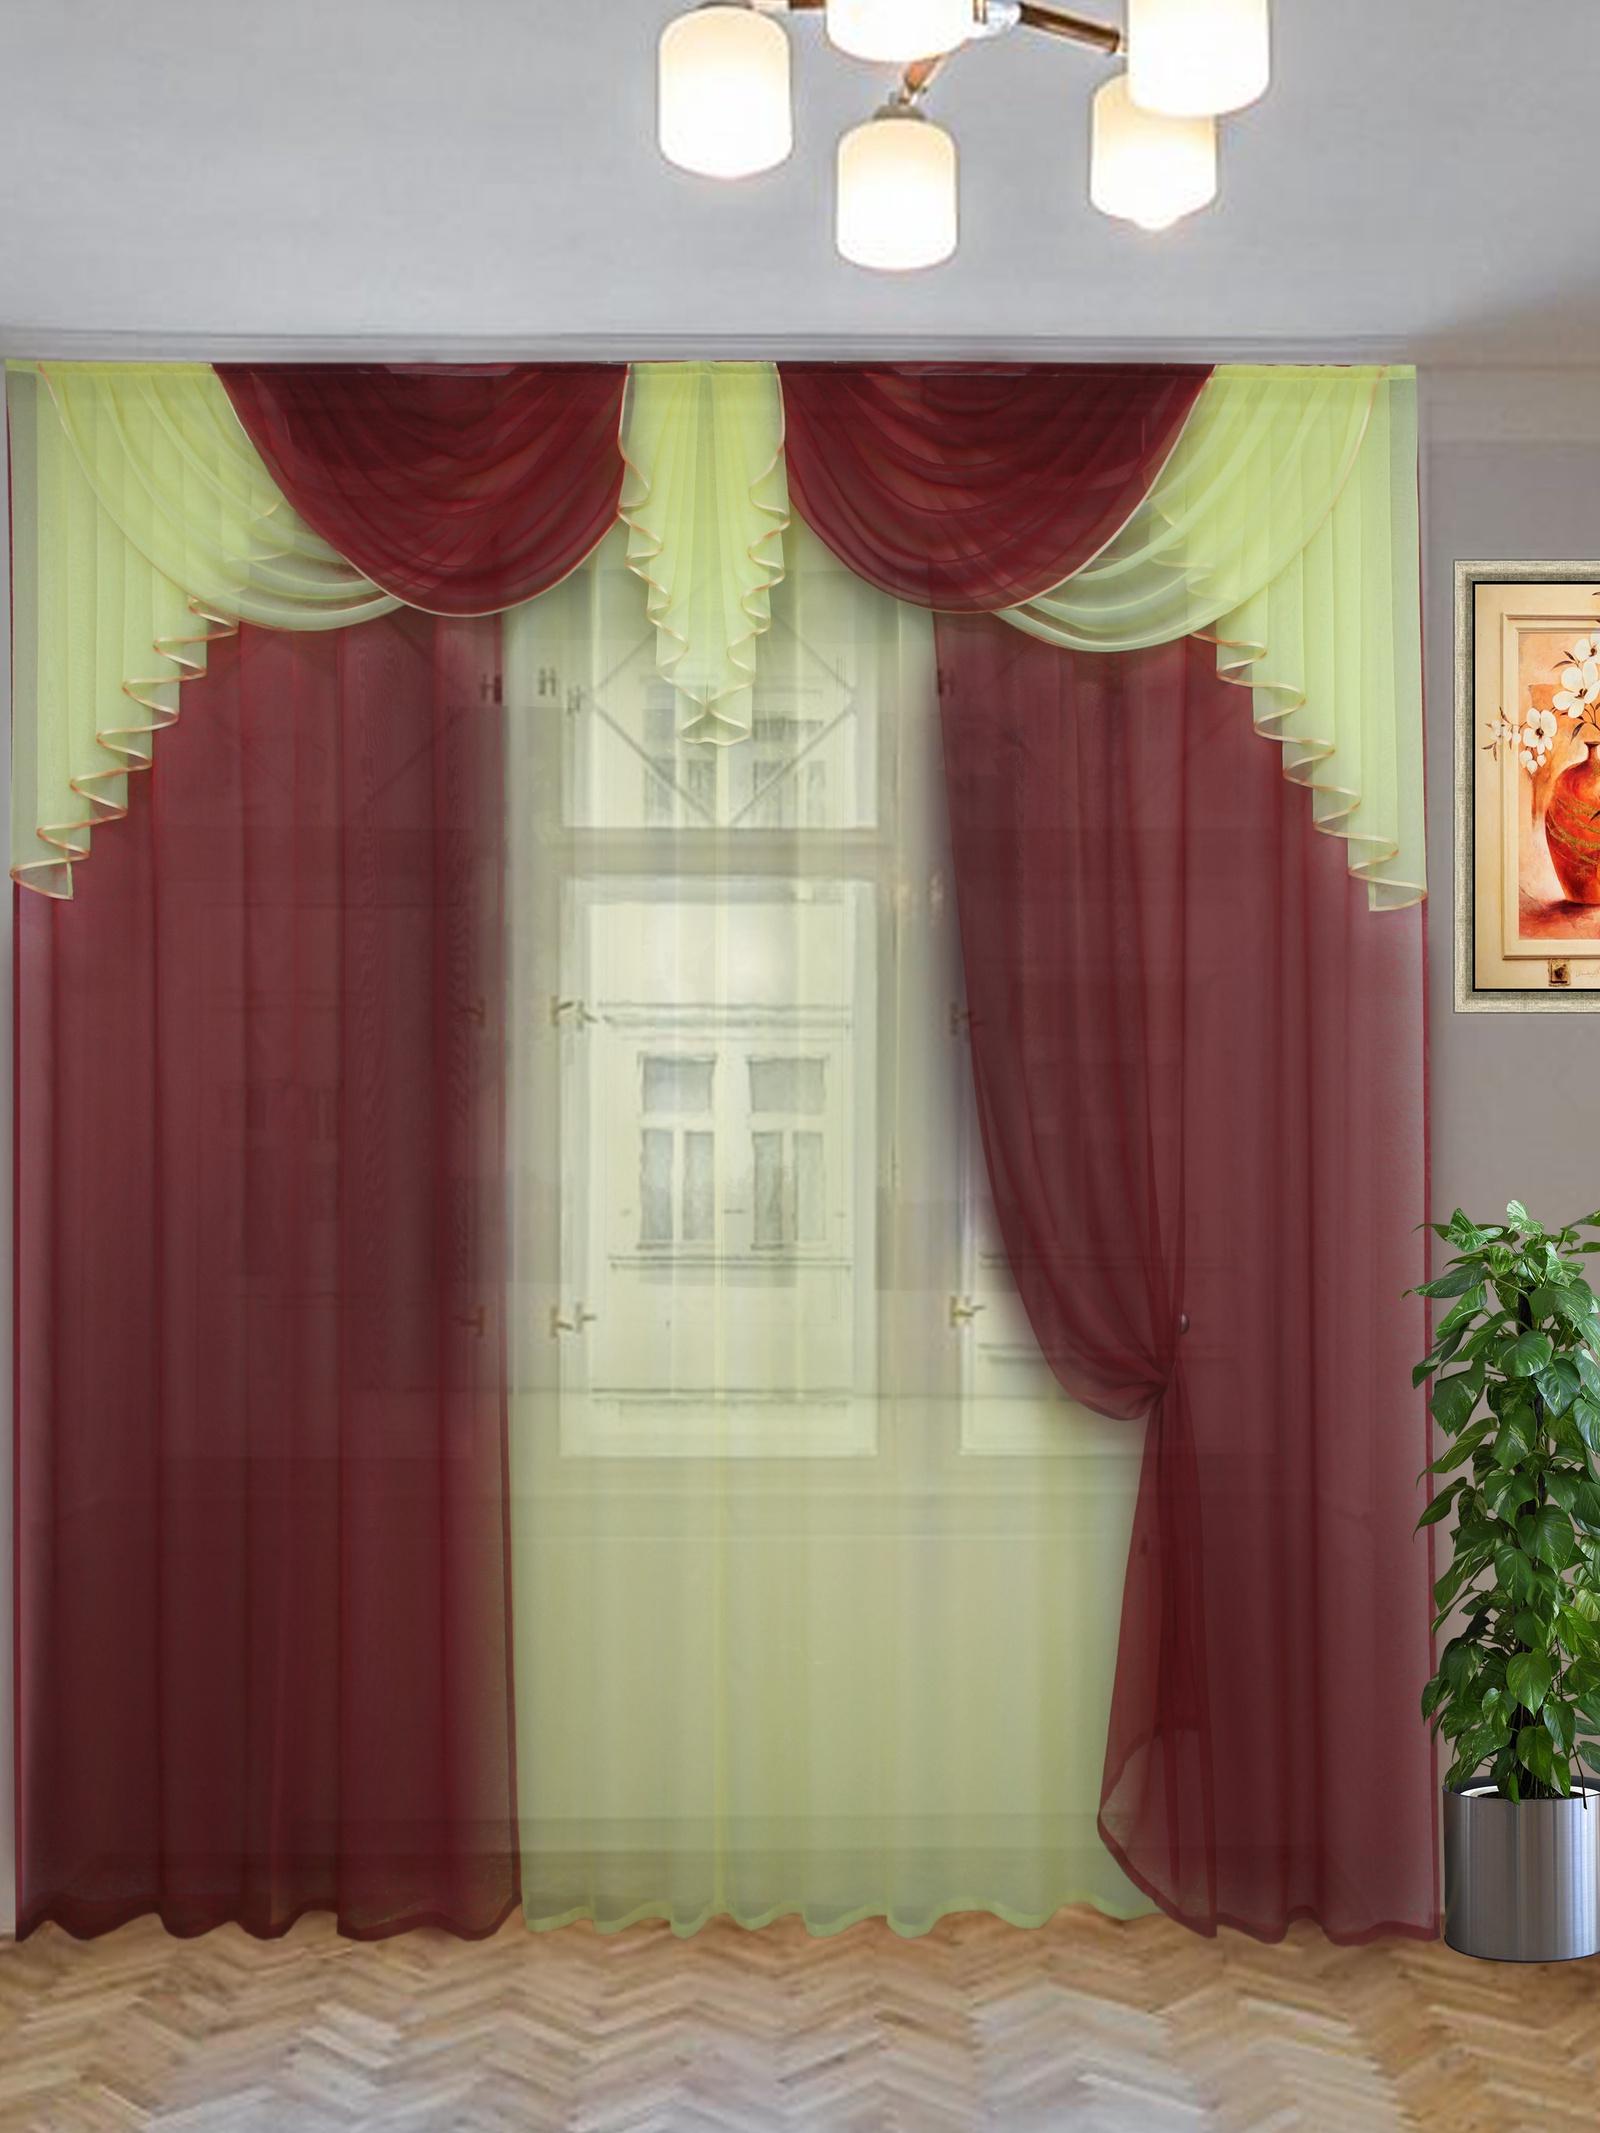 цена Комплект штор Текстиль.ру ТЕК-КШ-Афина-08-16-3*2,7-Т, бордовый, светло-бежевый онлайн в 2017 году